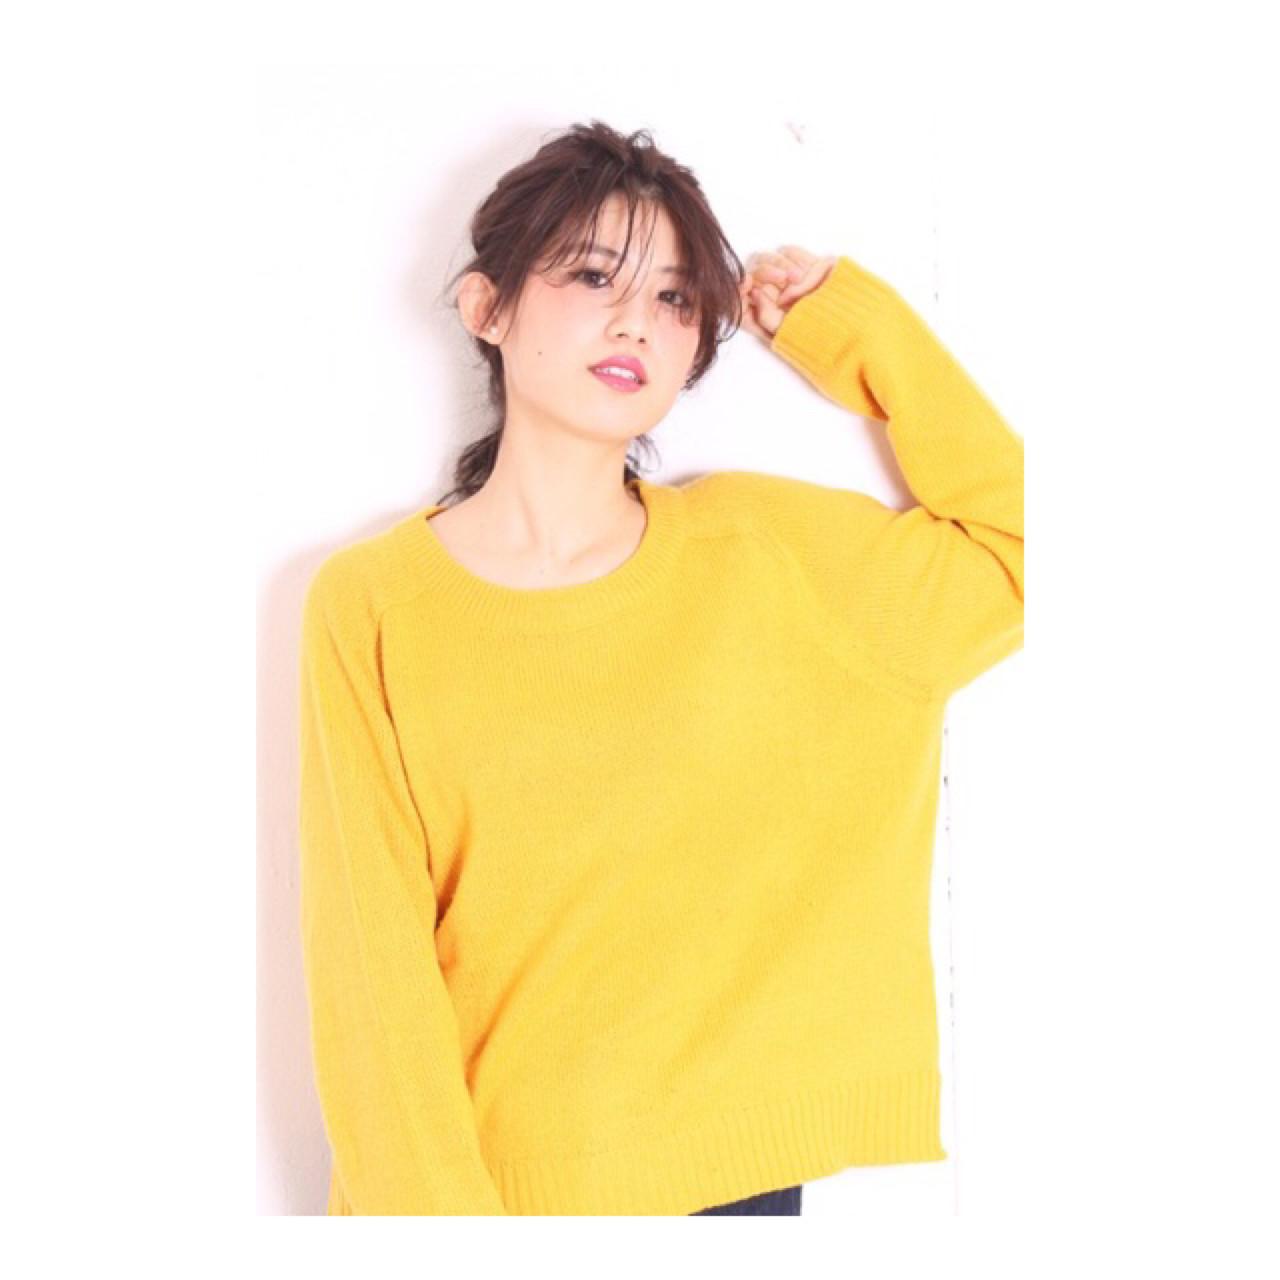 ショート 成人式 パーマ 簡単ヘアアレンジ ヘアスタイルや髪型の写真・画像 | Miyabi/kico / MYBY